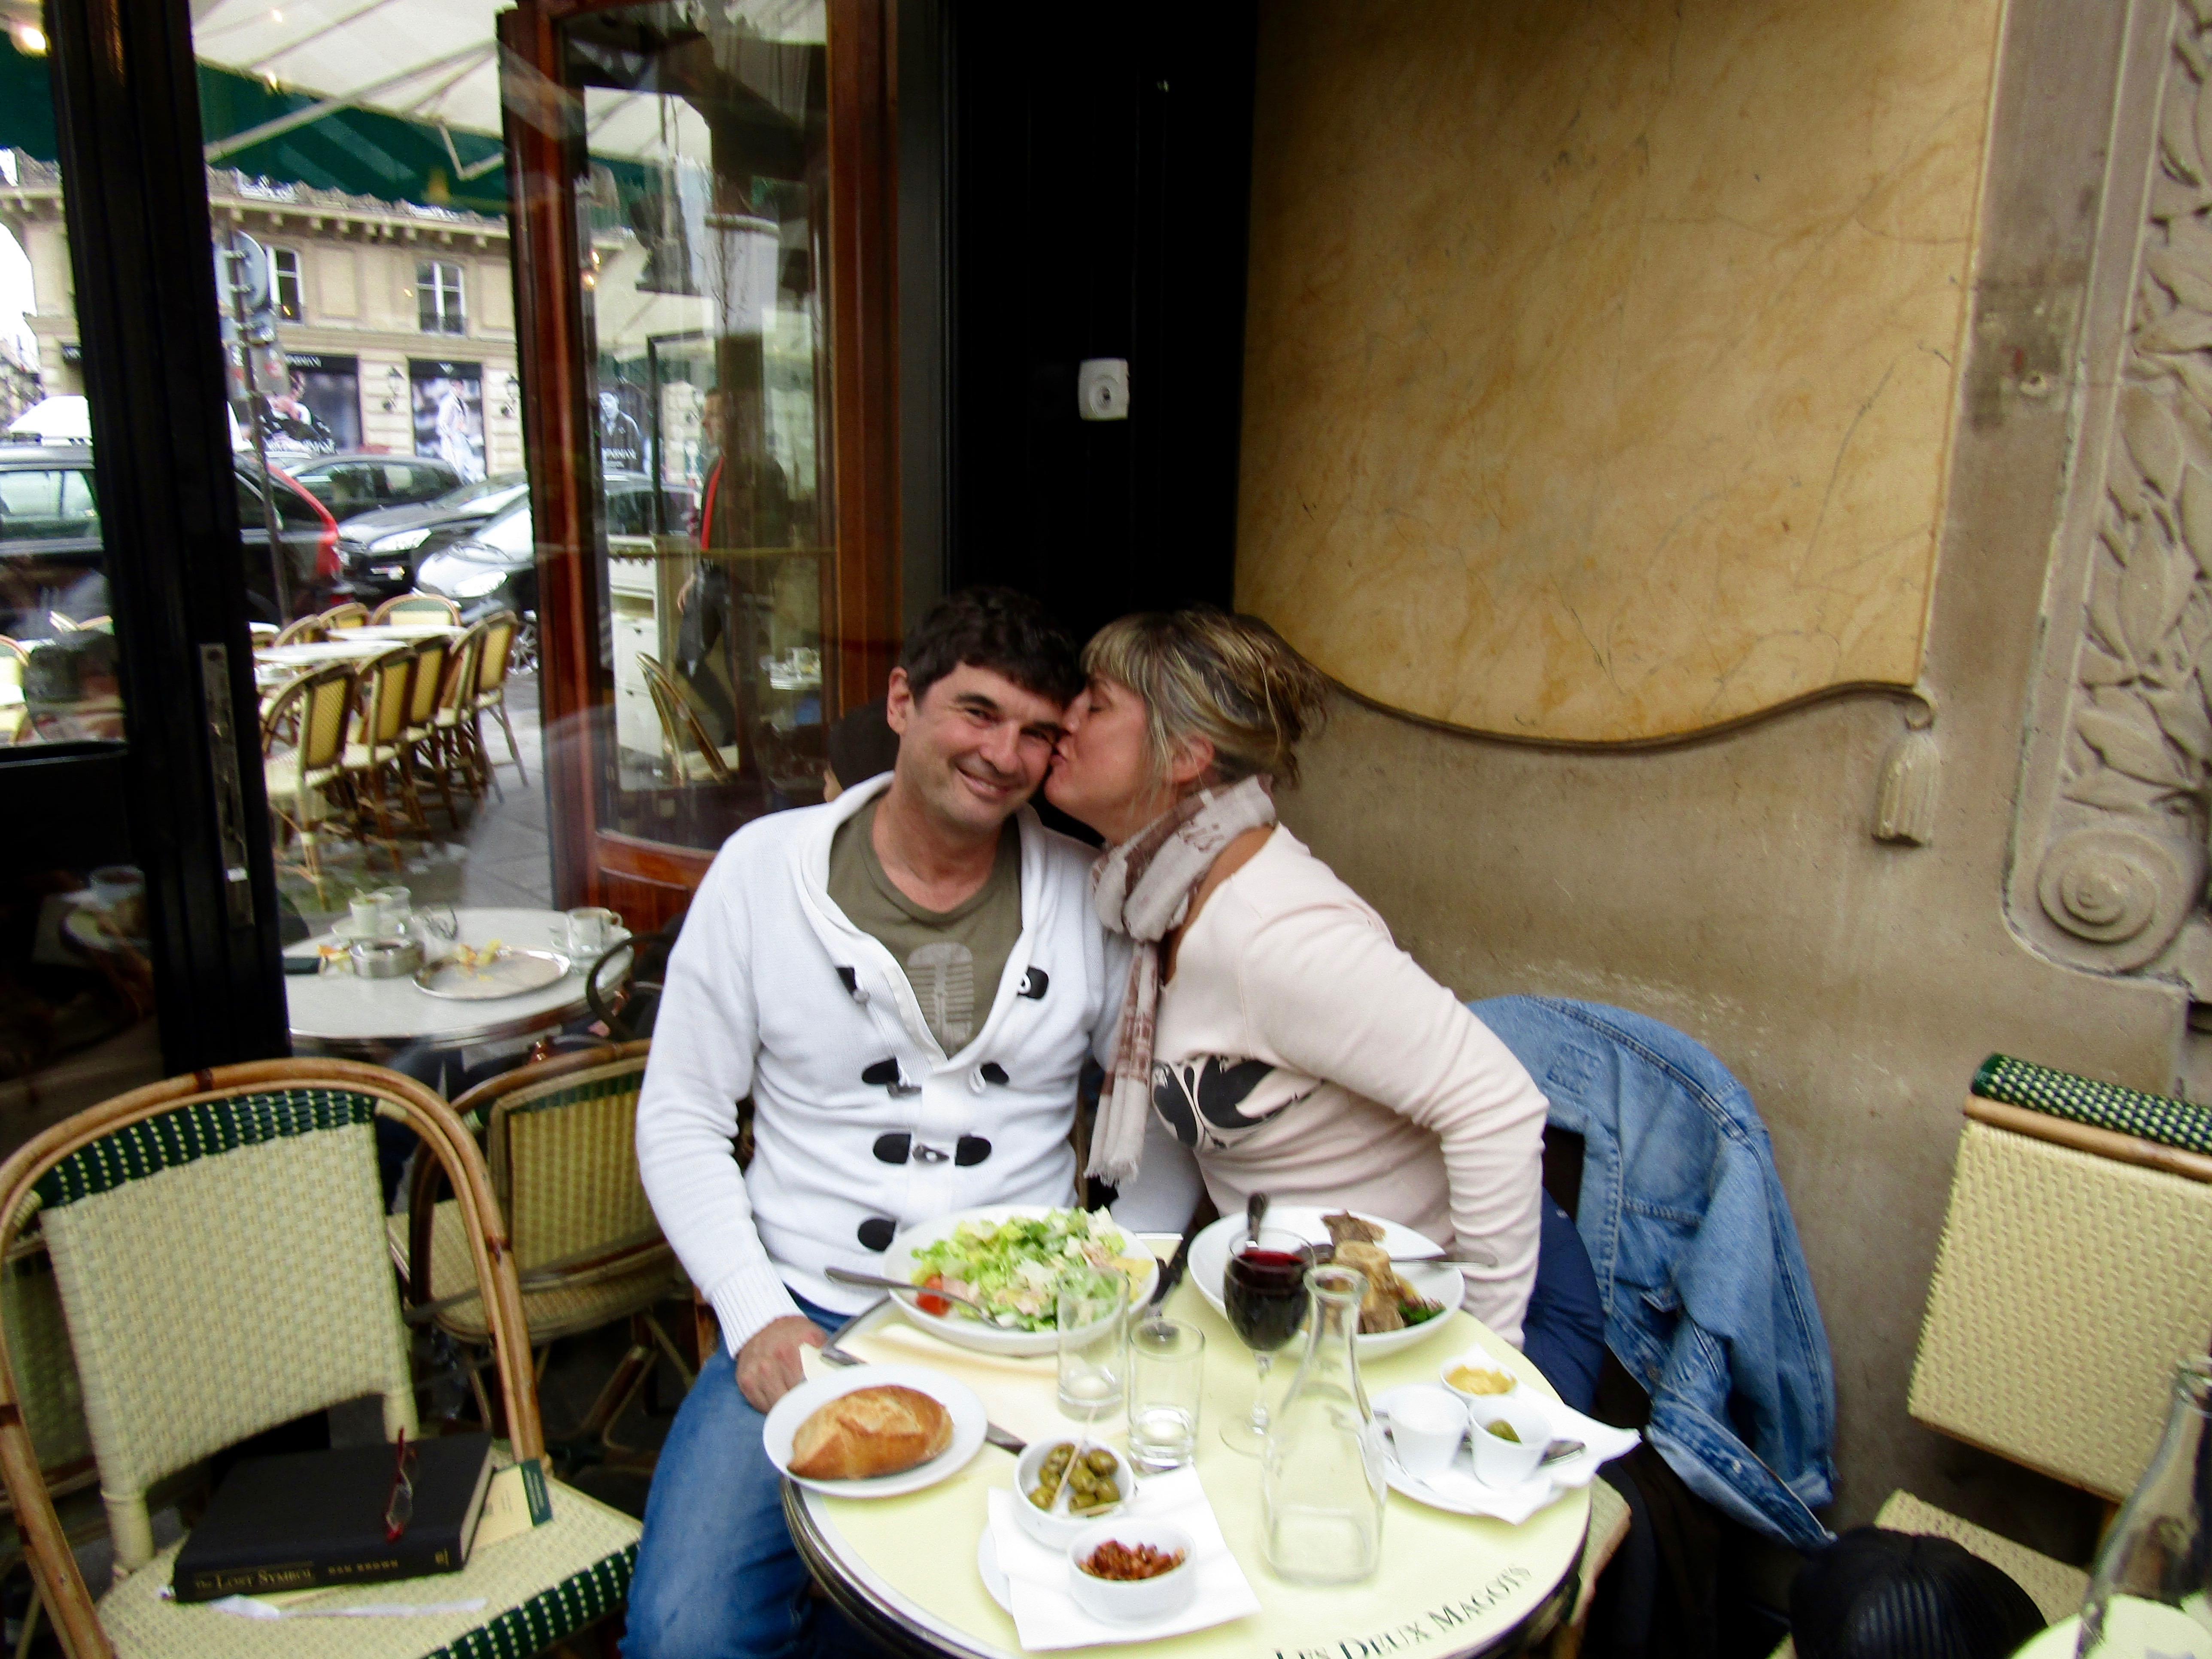 Spring - 2016 - Paris, France - Les Duex Magots Restaurant - Love Paris!!!!!!!!